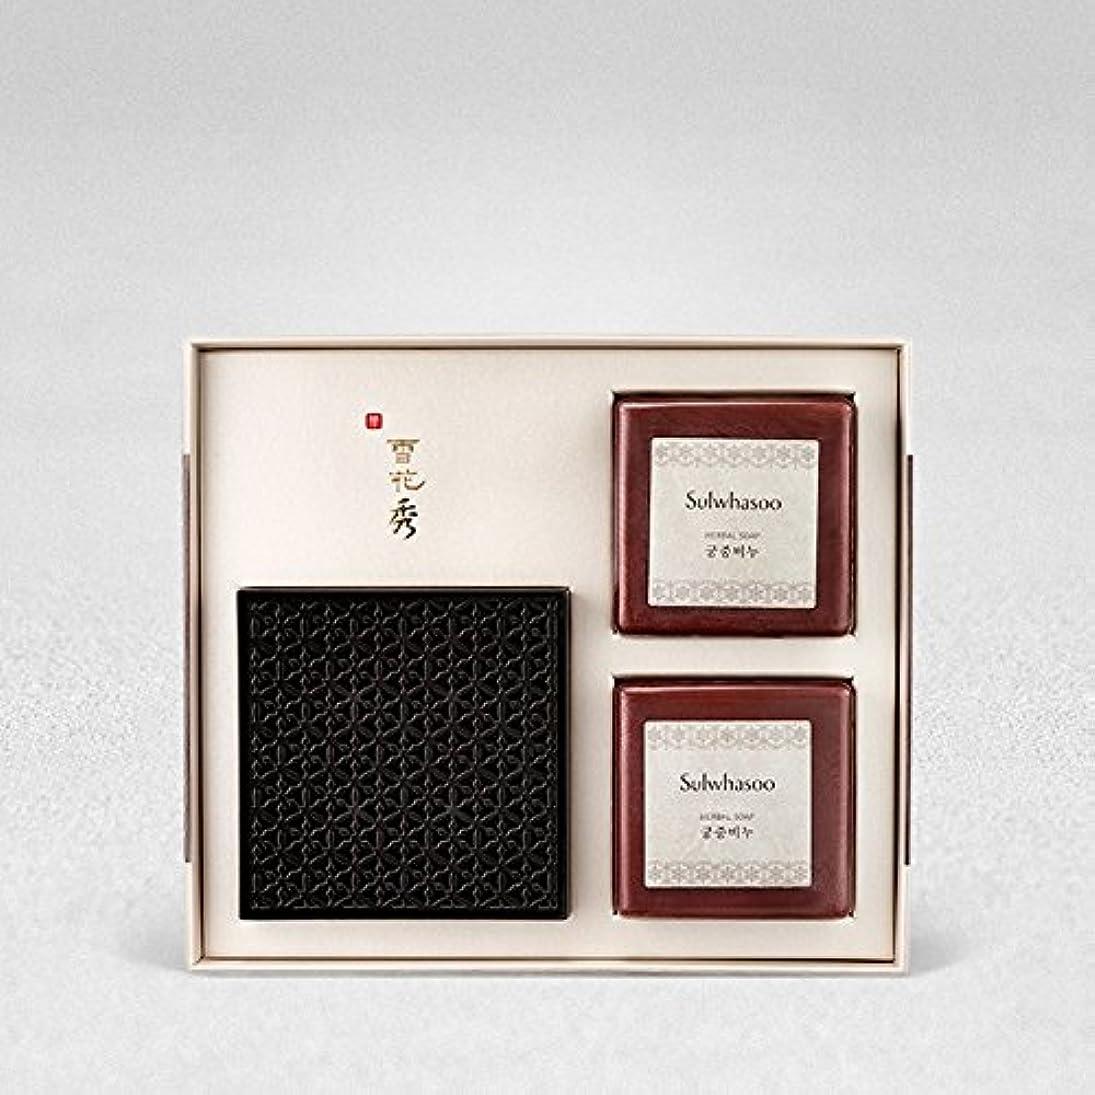 炭素入力延ばすSulwhasoo Goong-Joong Soap 100gx2ea K-beauty[並行輸入品]